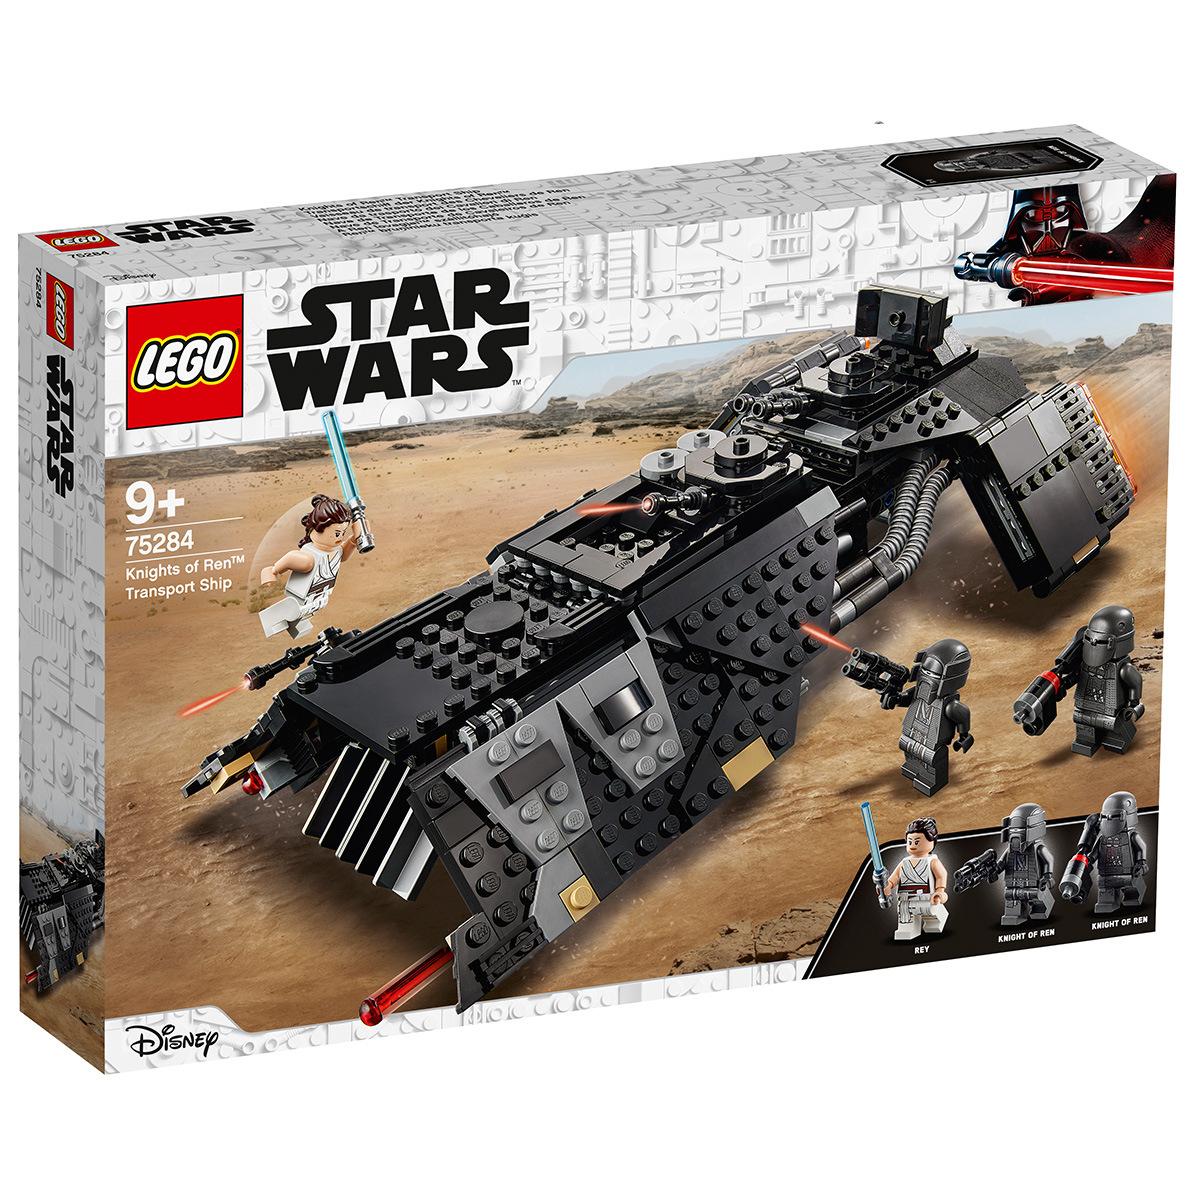 LEGO乐高75284星球大战伦武士运输船3-99岁男孩益智颗粒积木玩具